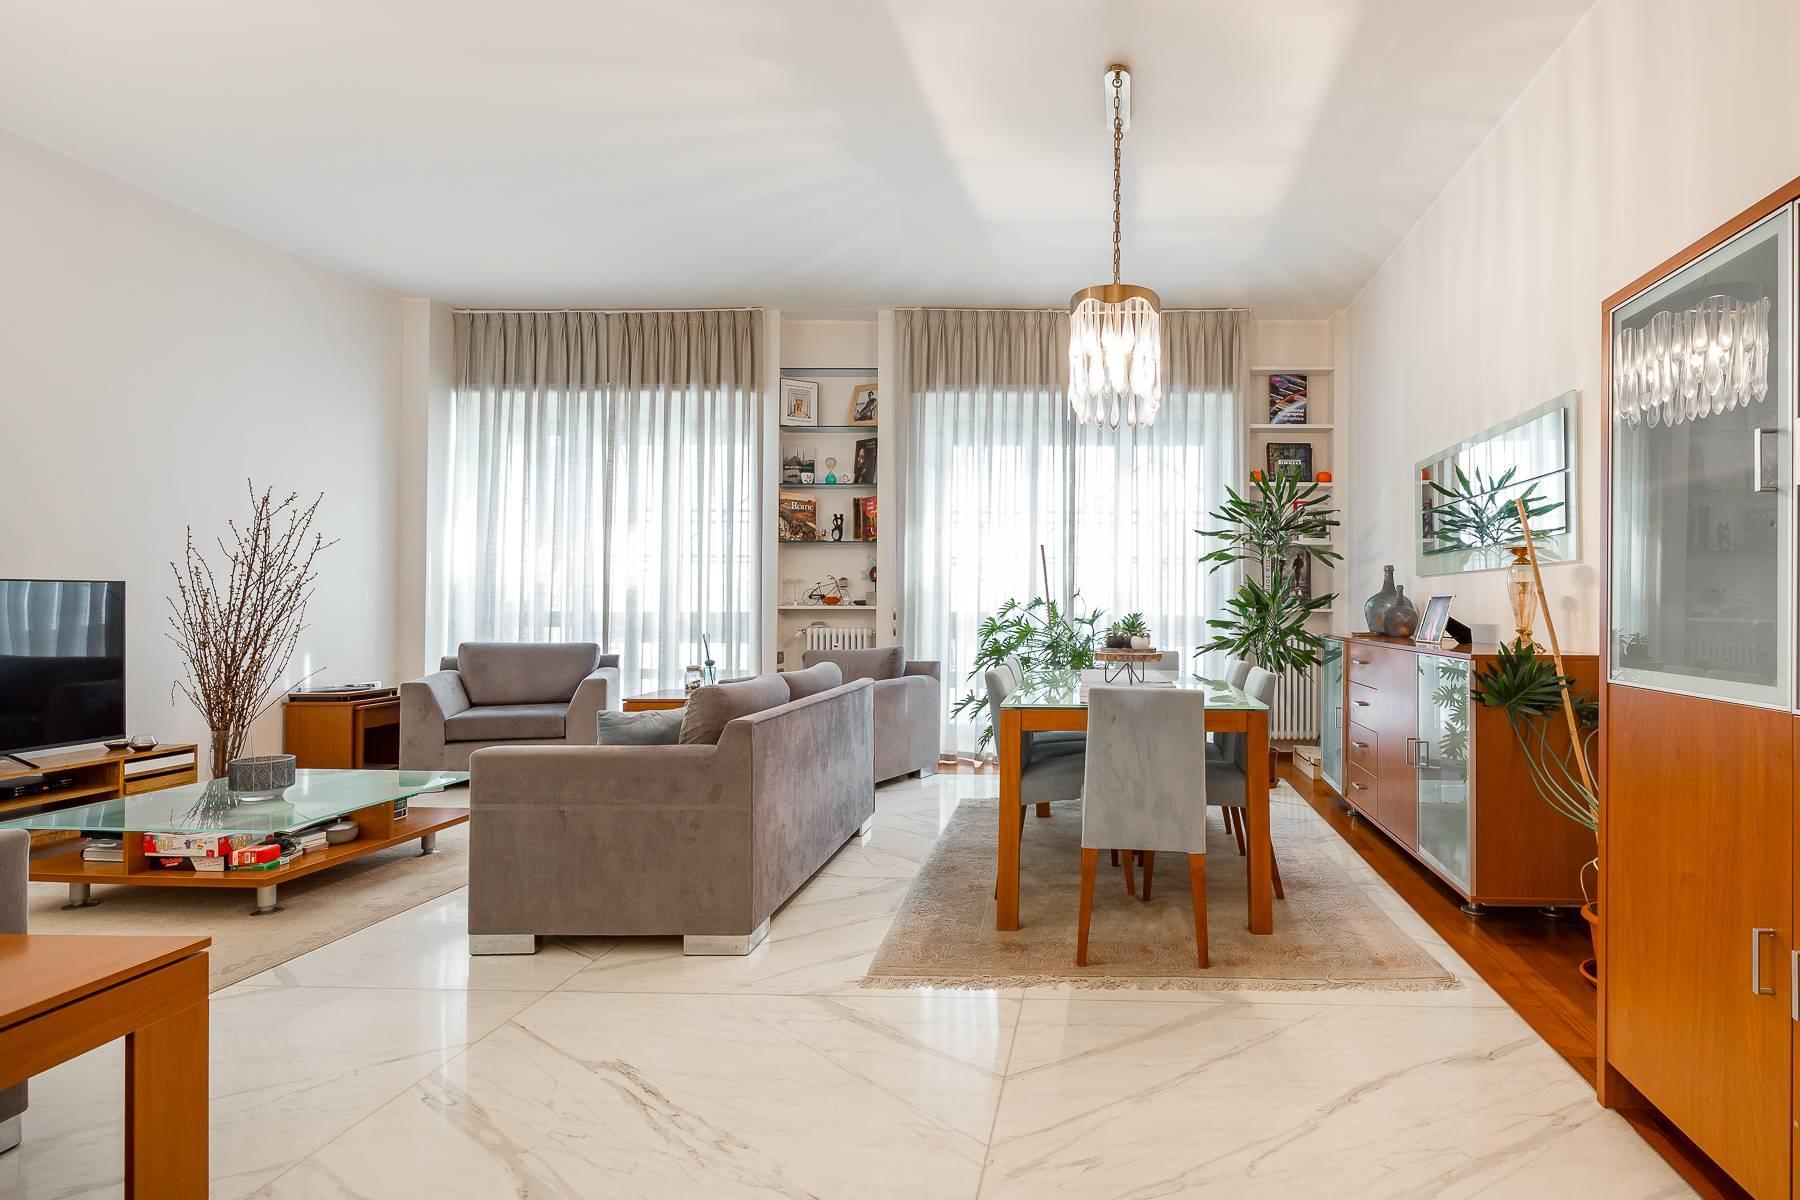 Renovierte Wohnung im Stadtviertel Ticinese/Darsena - 2